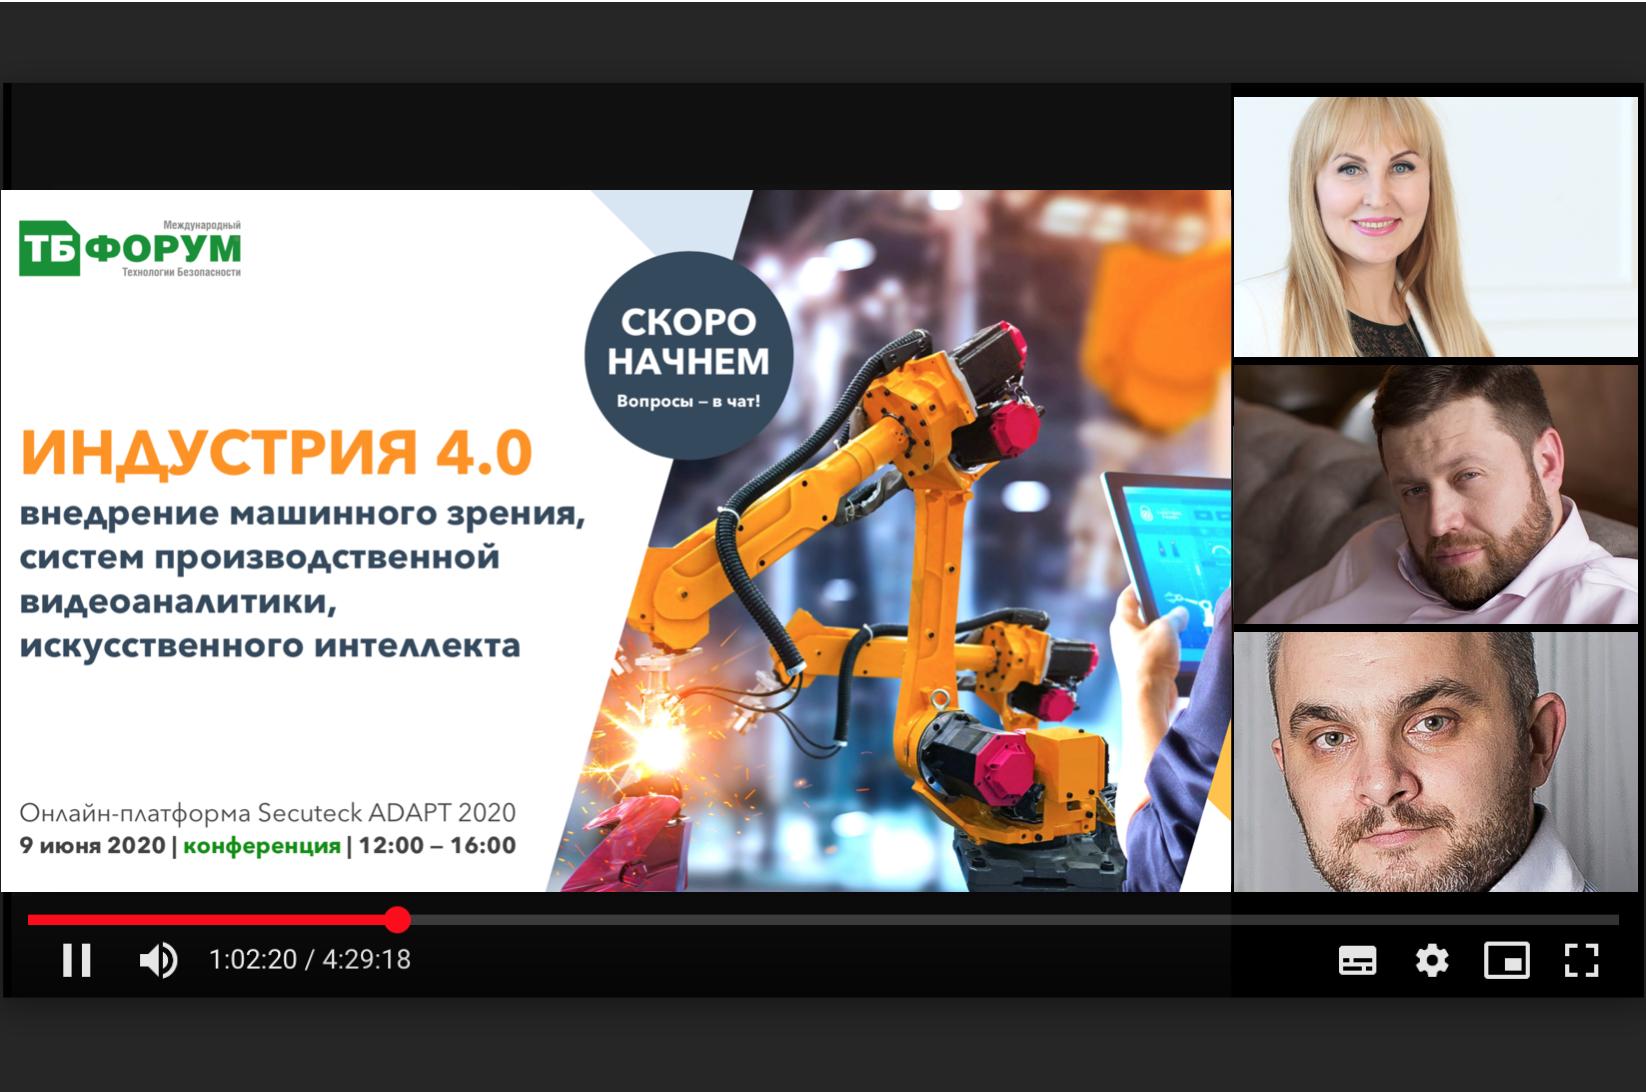 Индустрия 4.0: практические эффекты применения цифровых технологий и барьеры внедрения